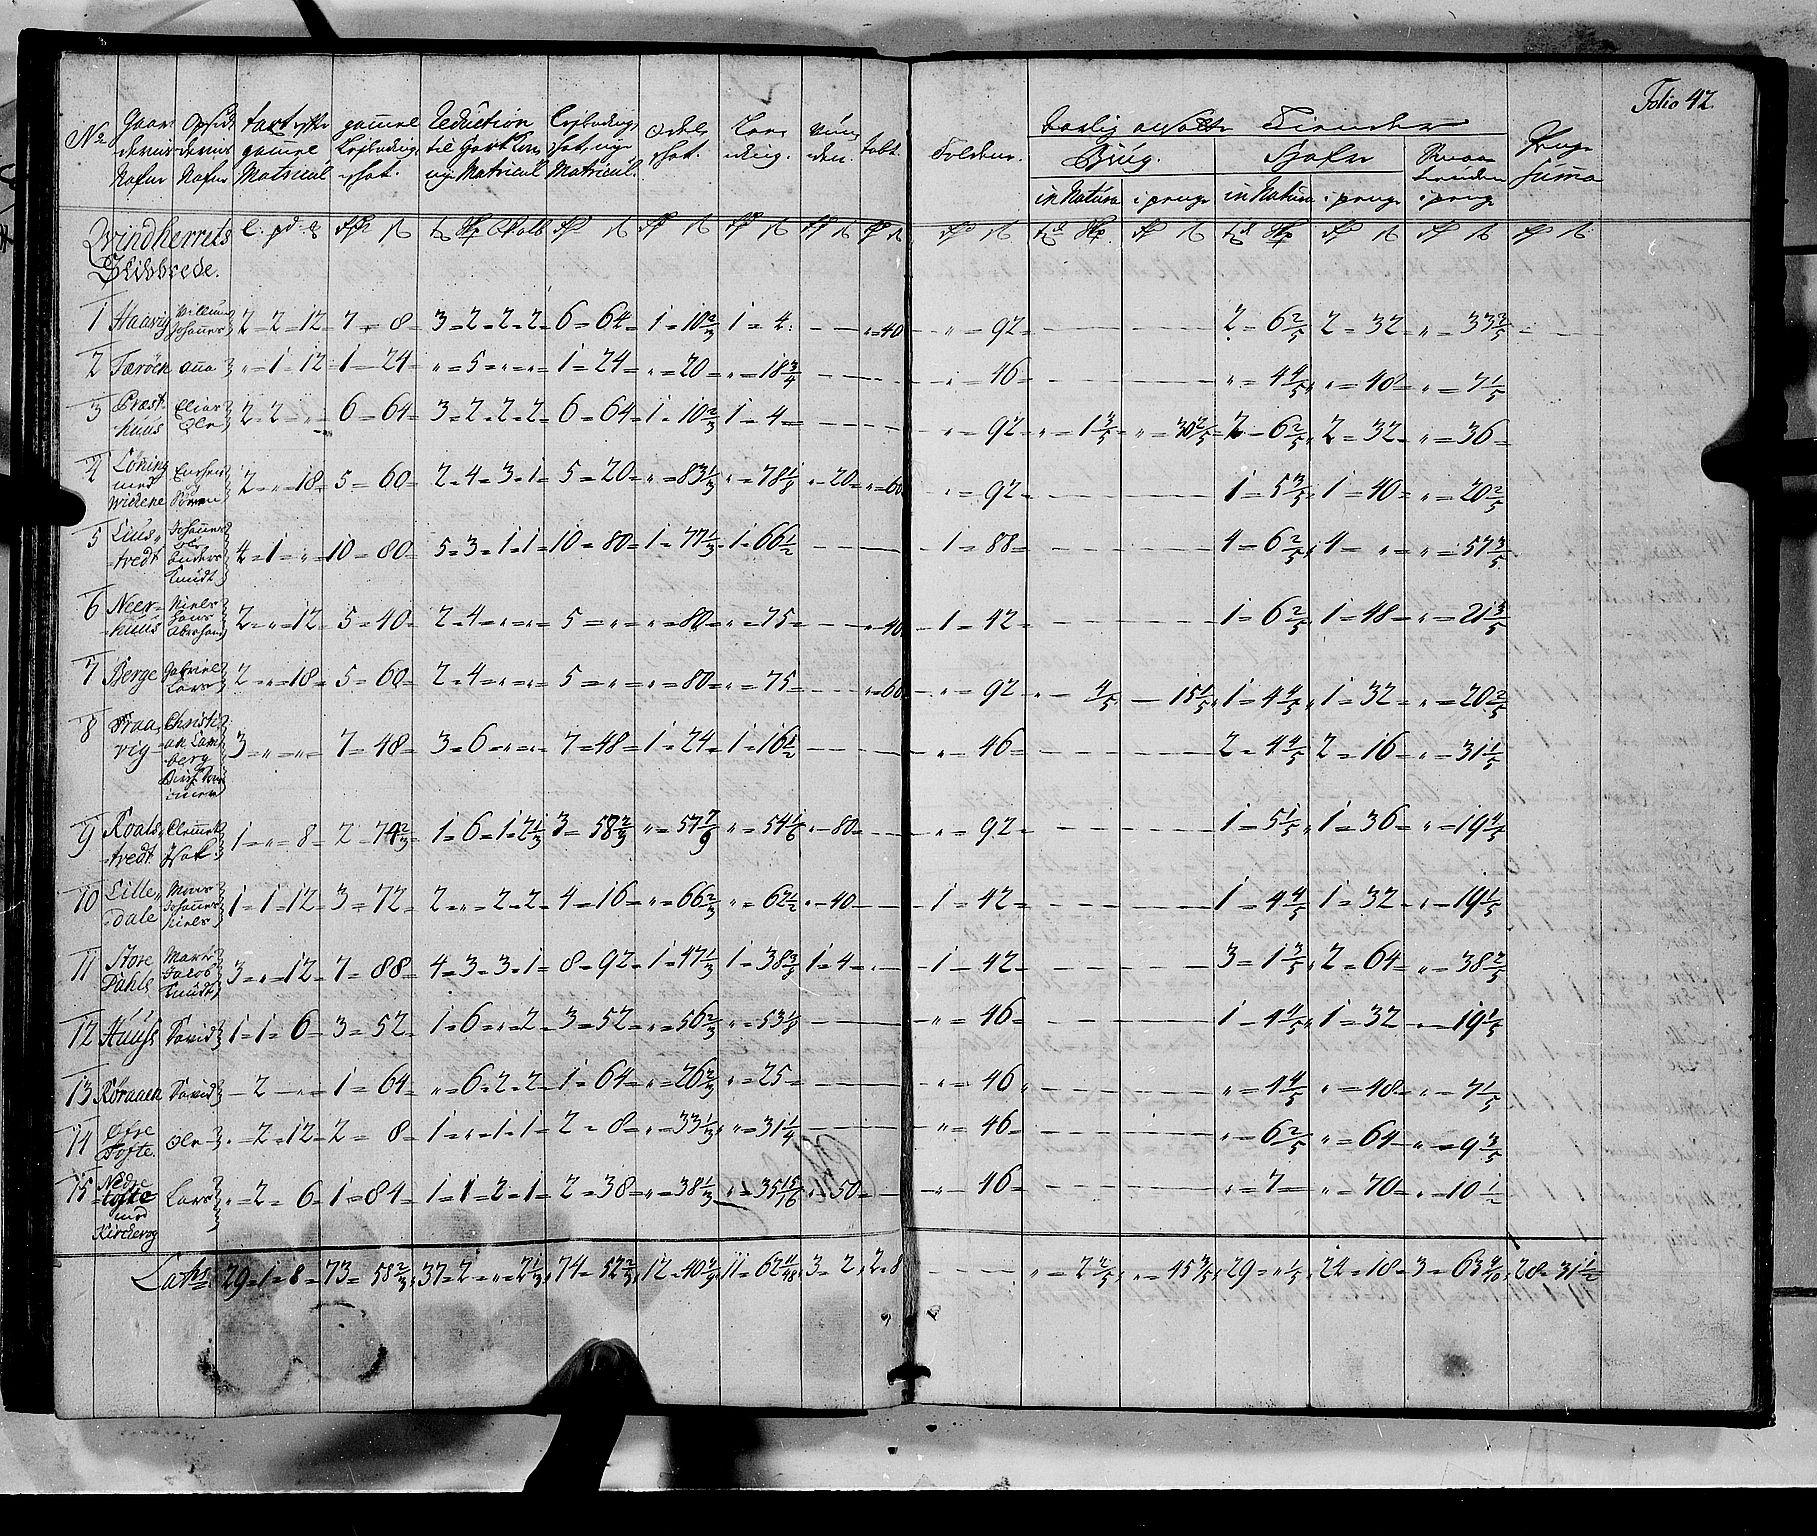 RA, Rentekammeret inntil 1814, Realistisk ordnet avdeling, N/Nb/Nbf/L0135: Sunnhordland matrikkelprotokoll, 1723, s. 41b-42a